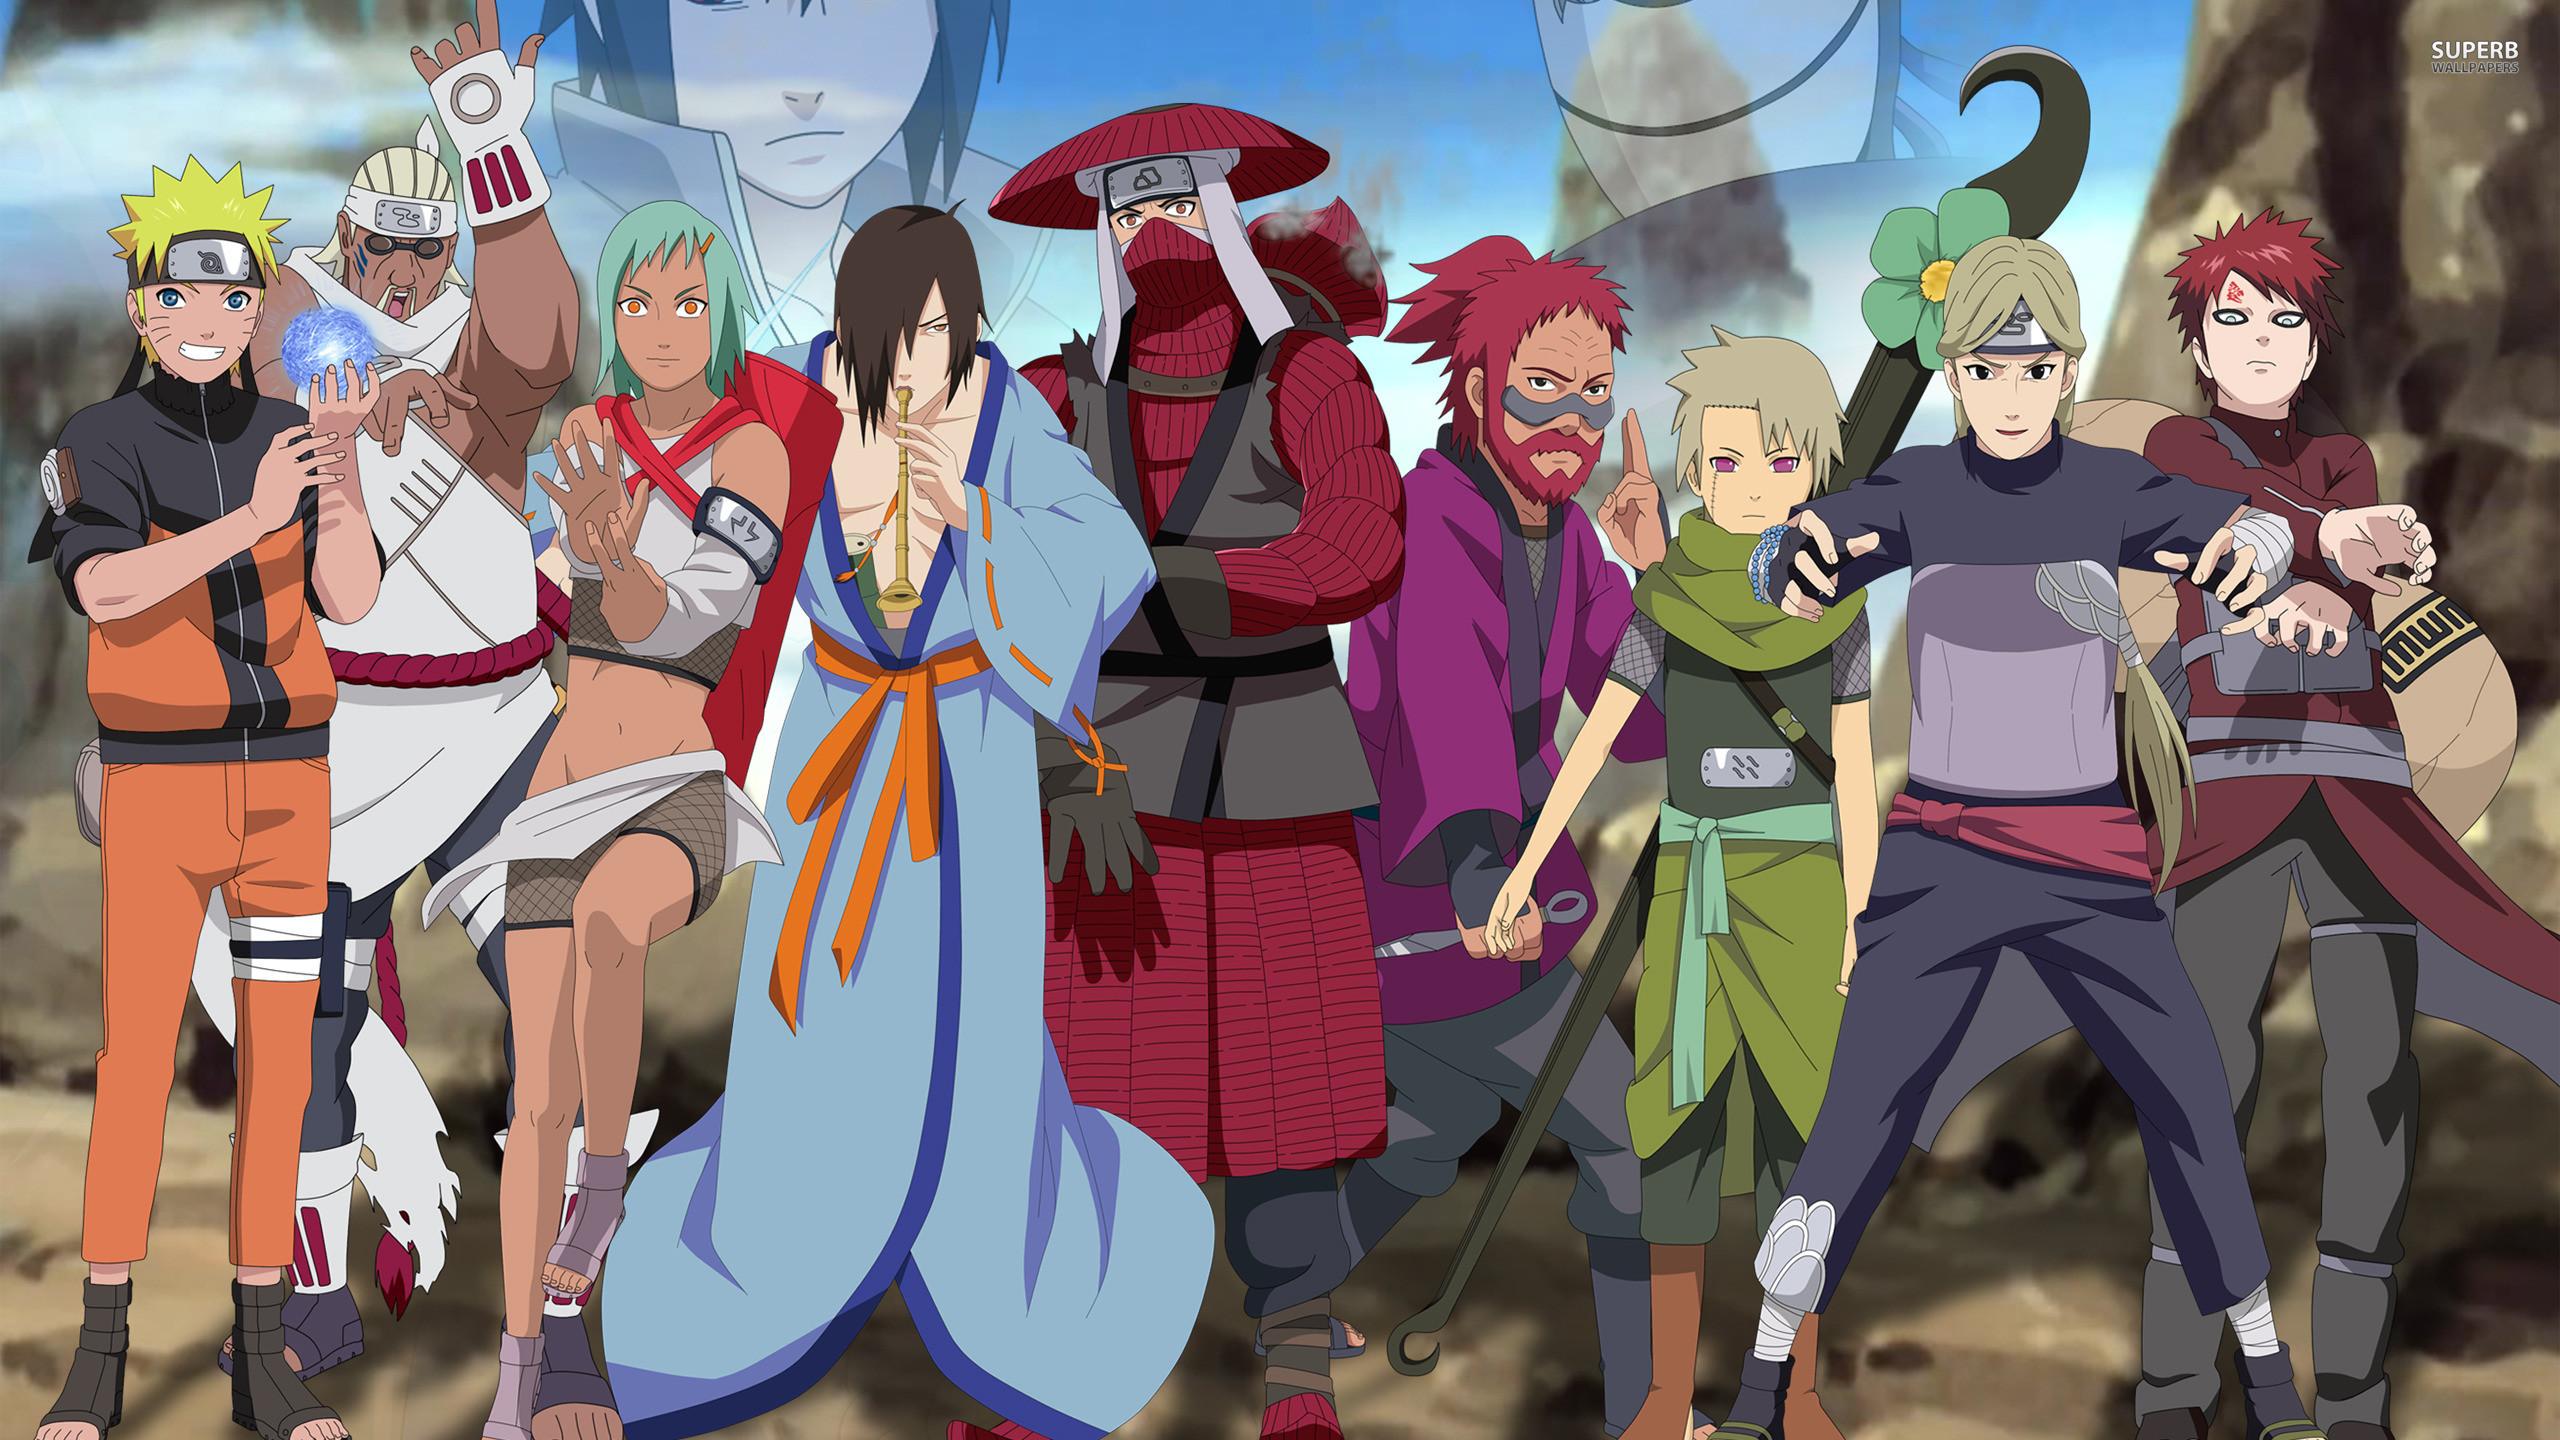 Naruto Shippuden main characters wallpaper